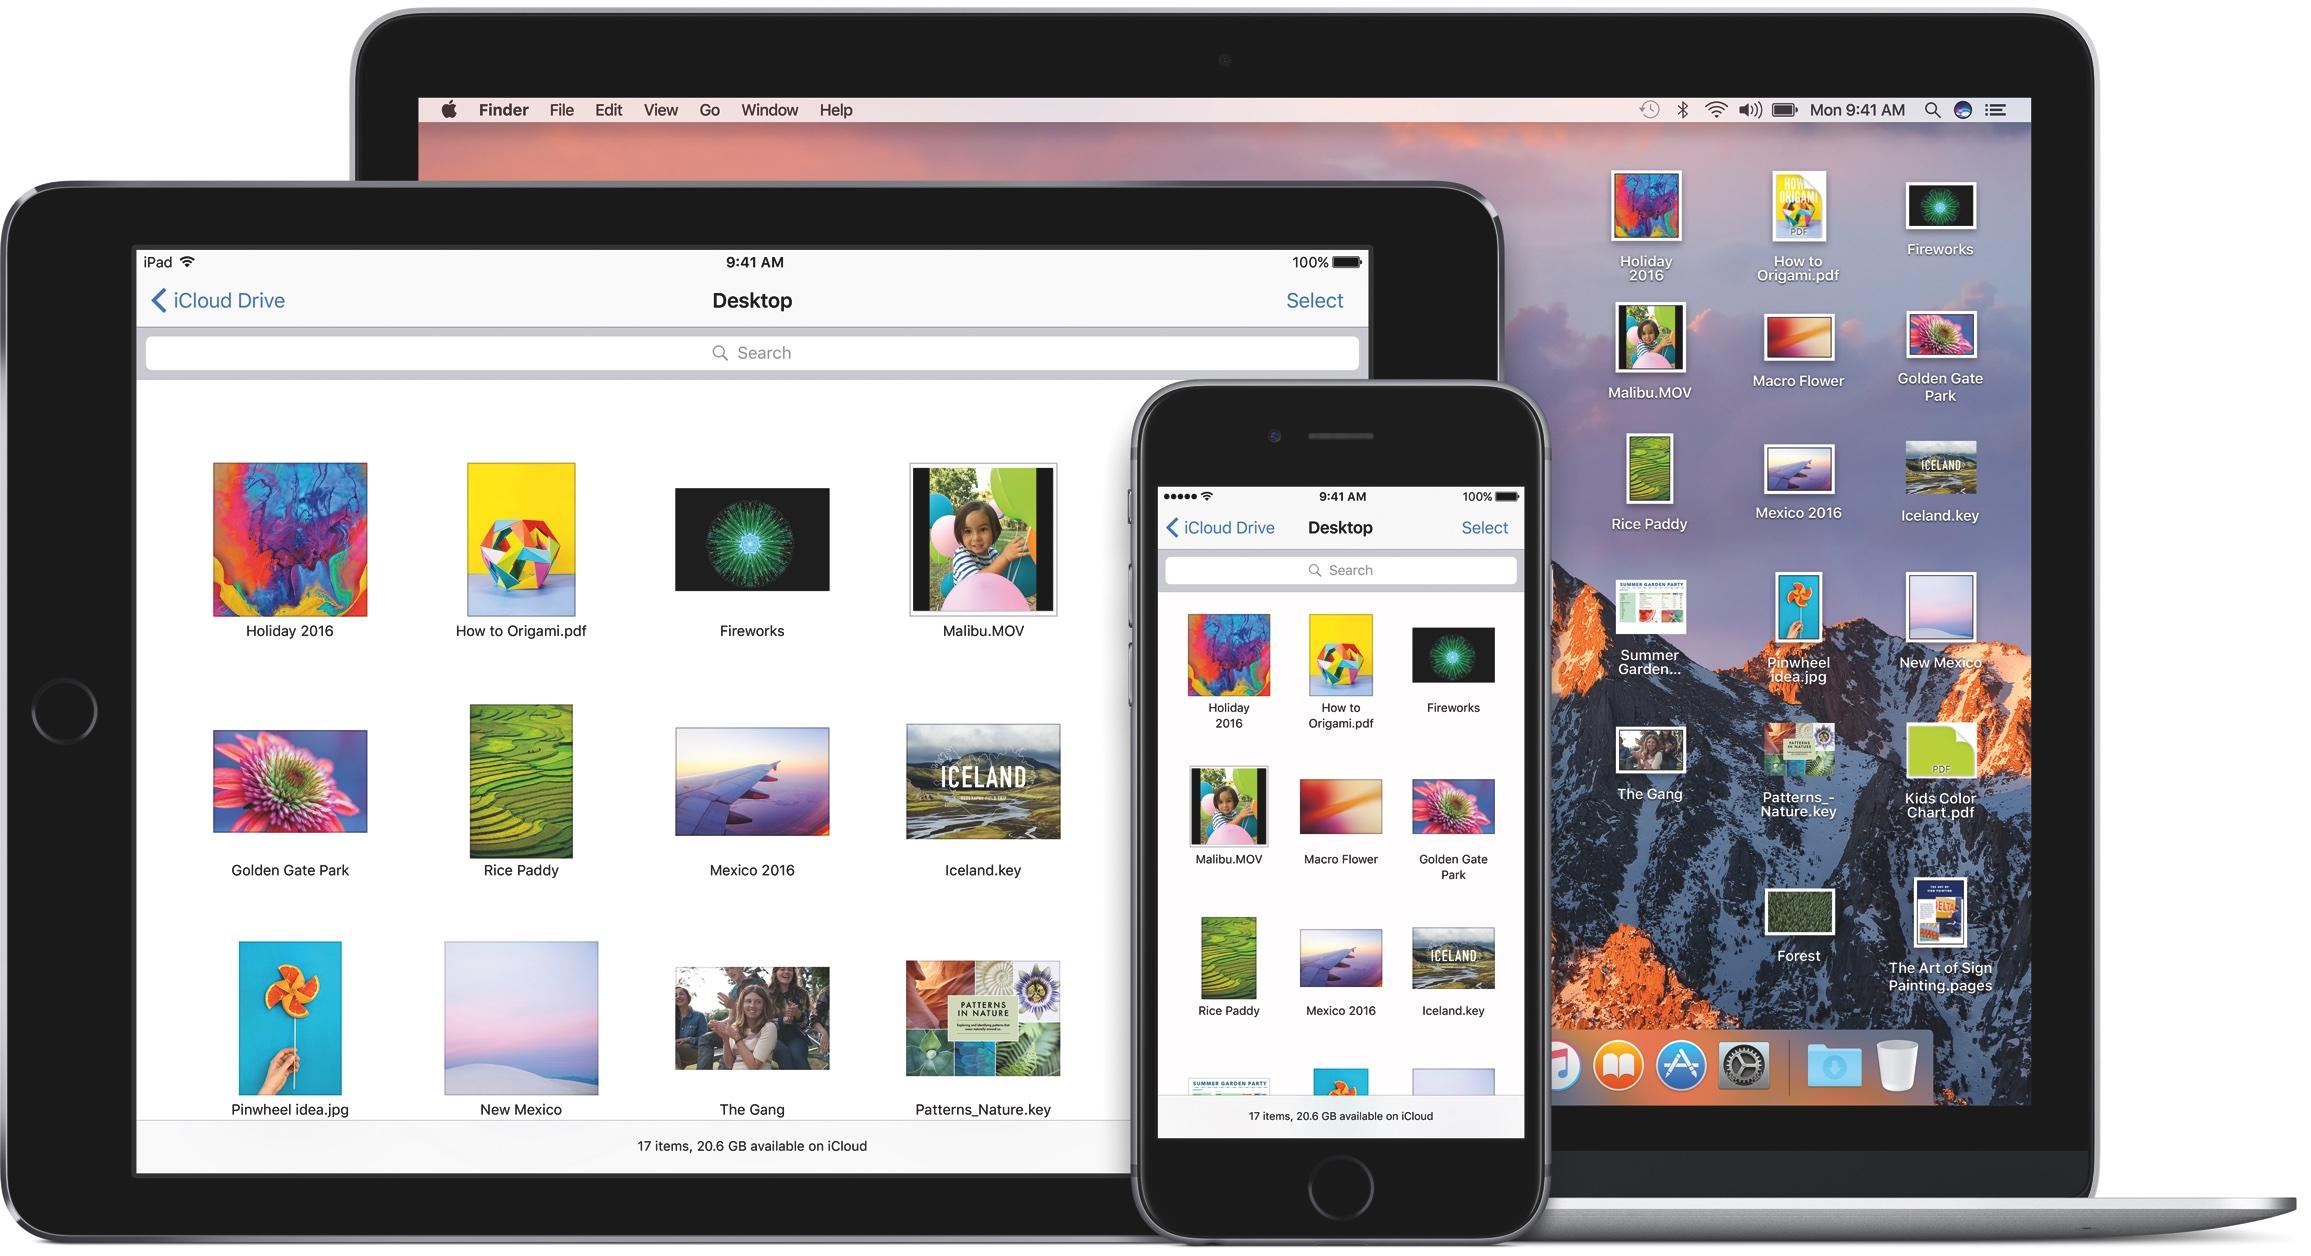 macOS Sierra iCloud Drive iPhone iPad Mac image 001